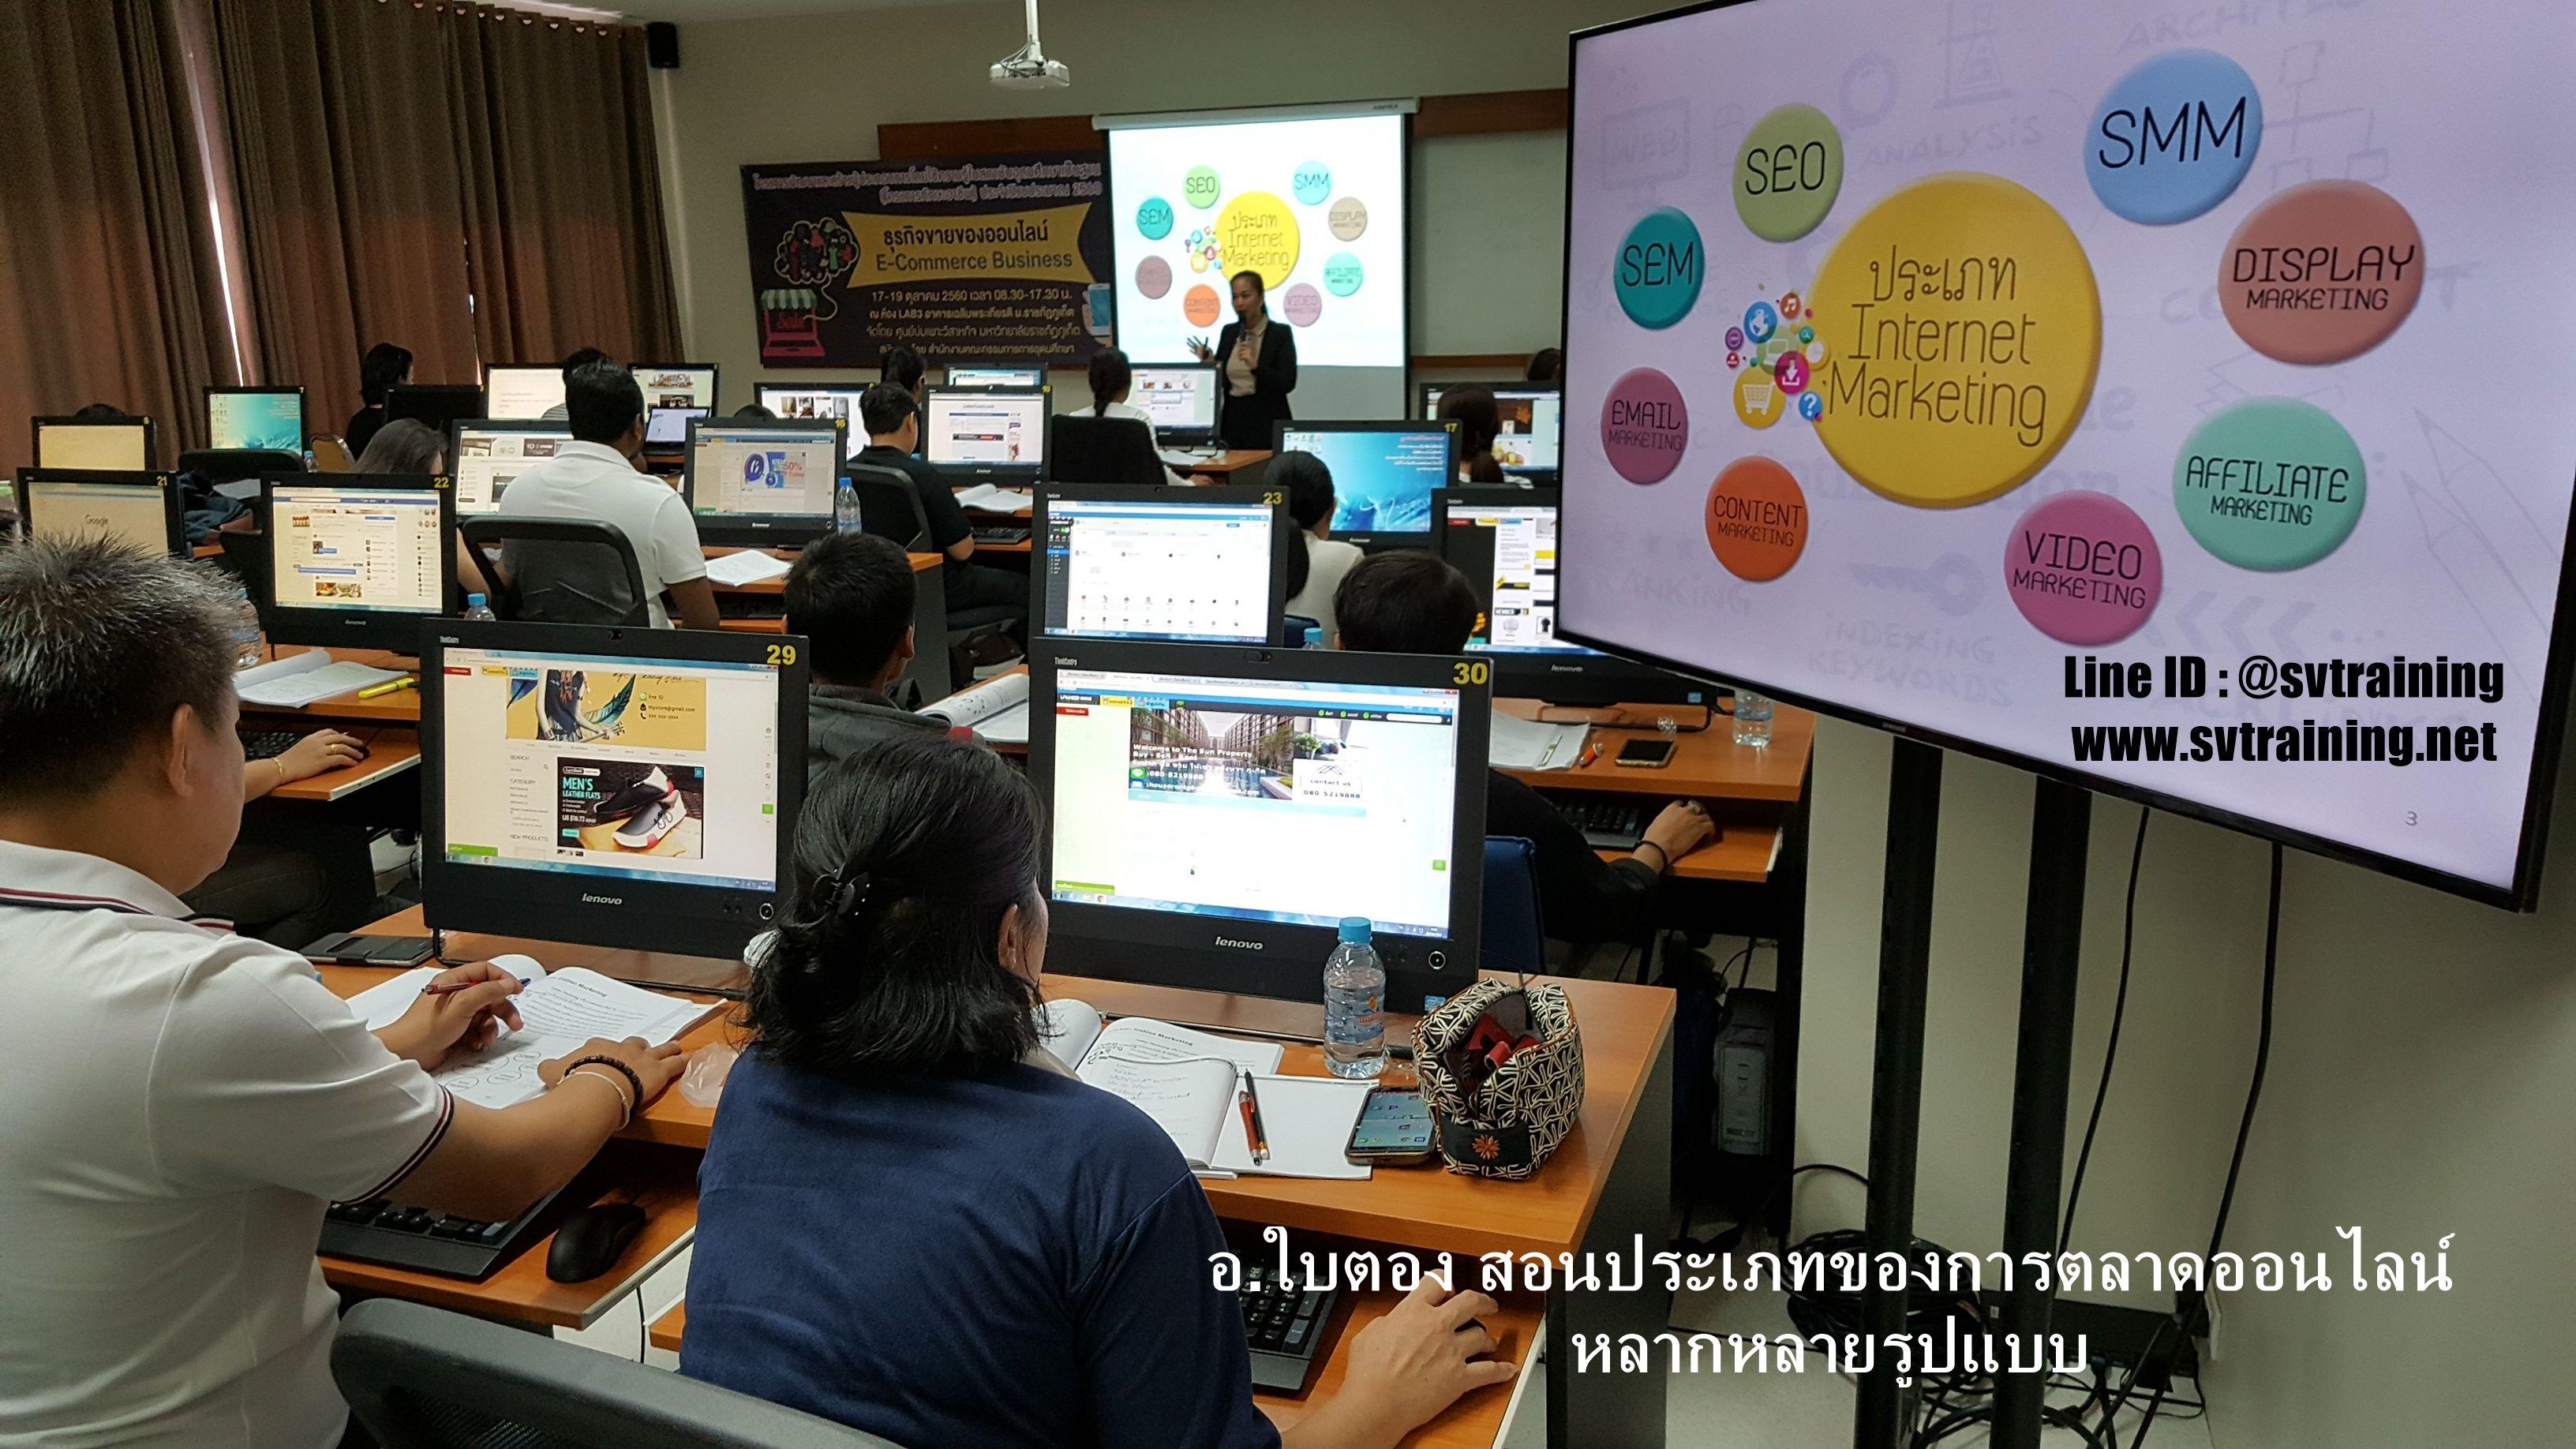 เรียนการตลาดออนไลน์ภาคปฏิบัติกับอาจารย์ใบตอง